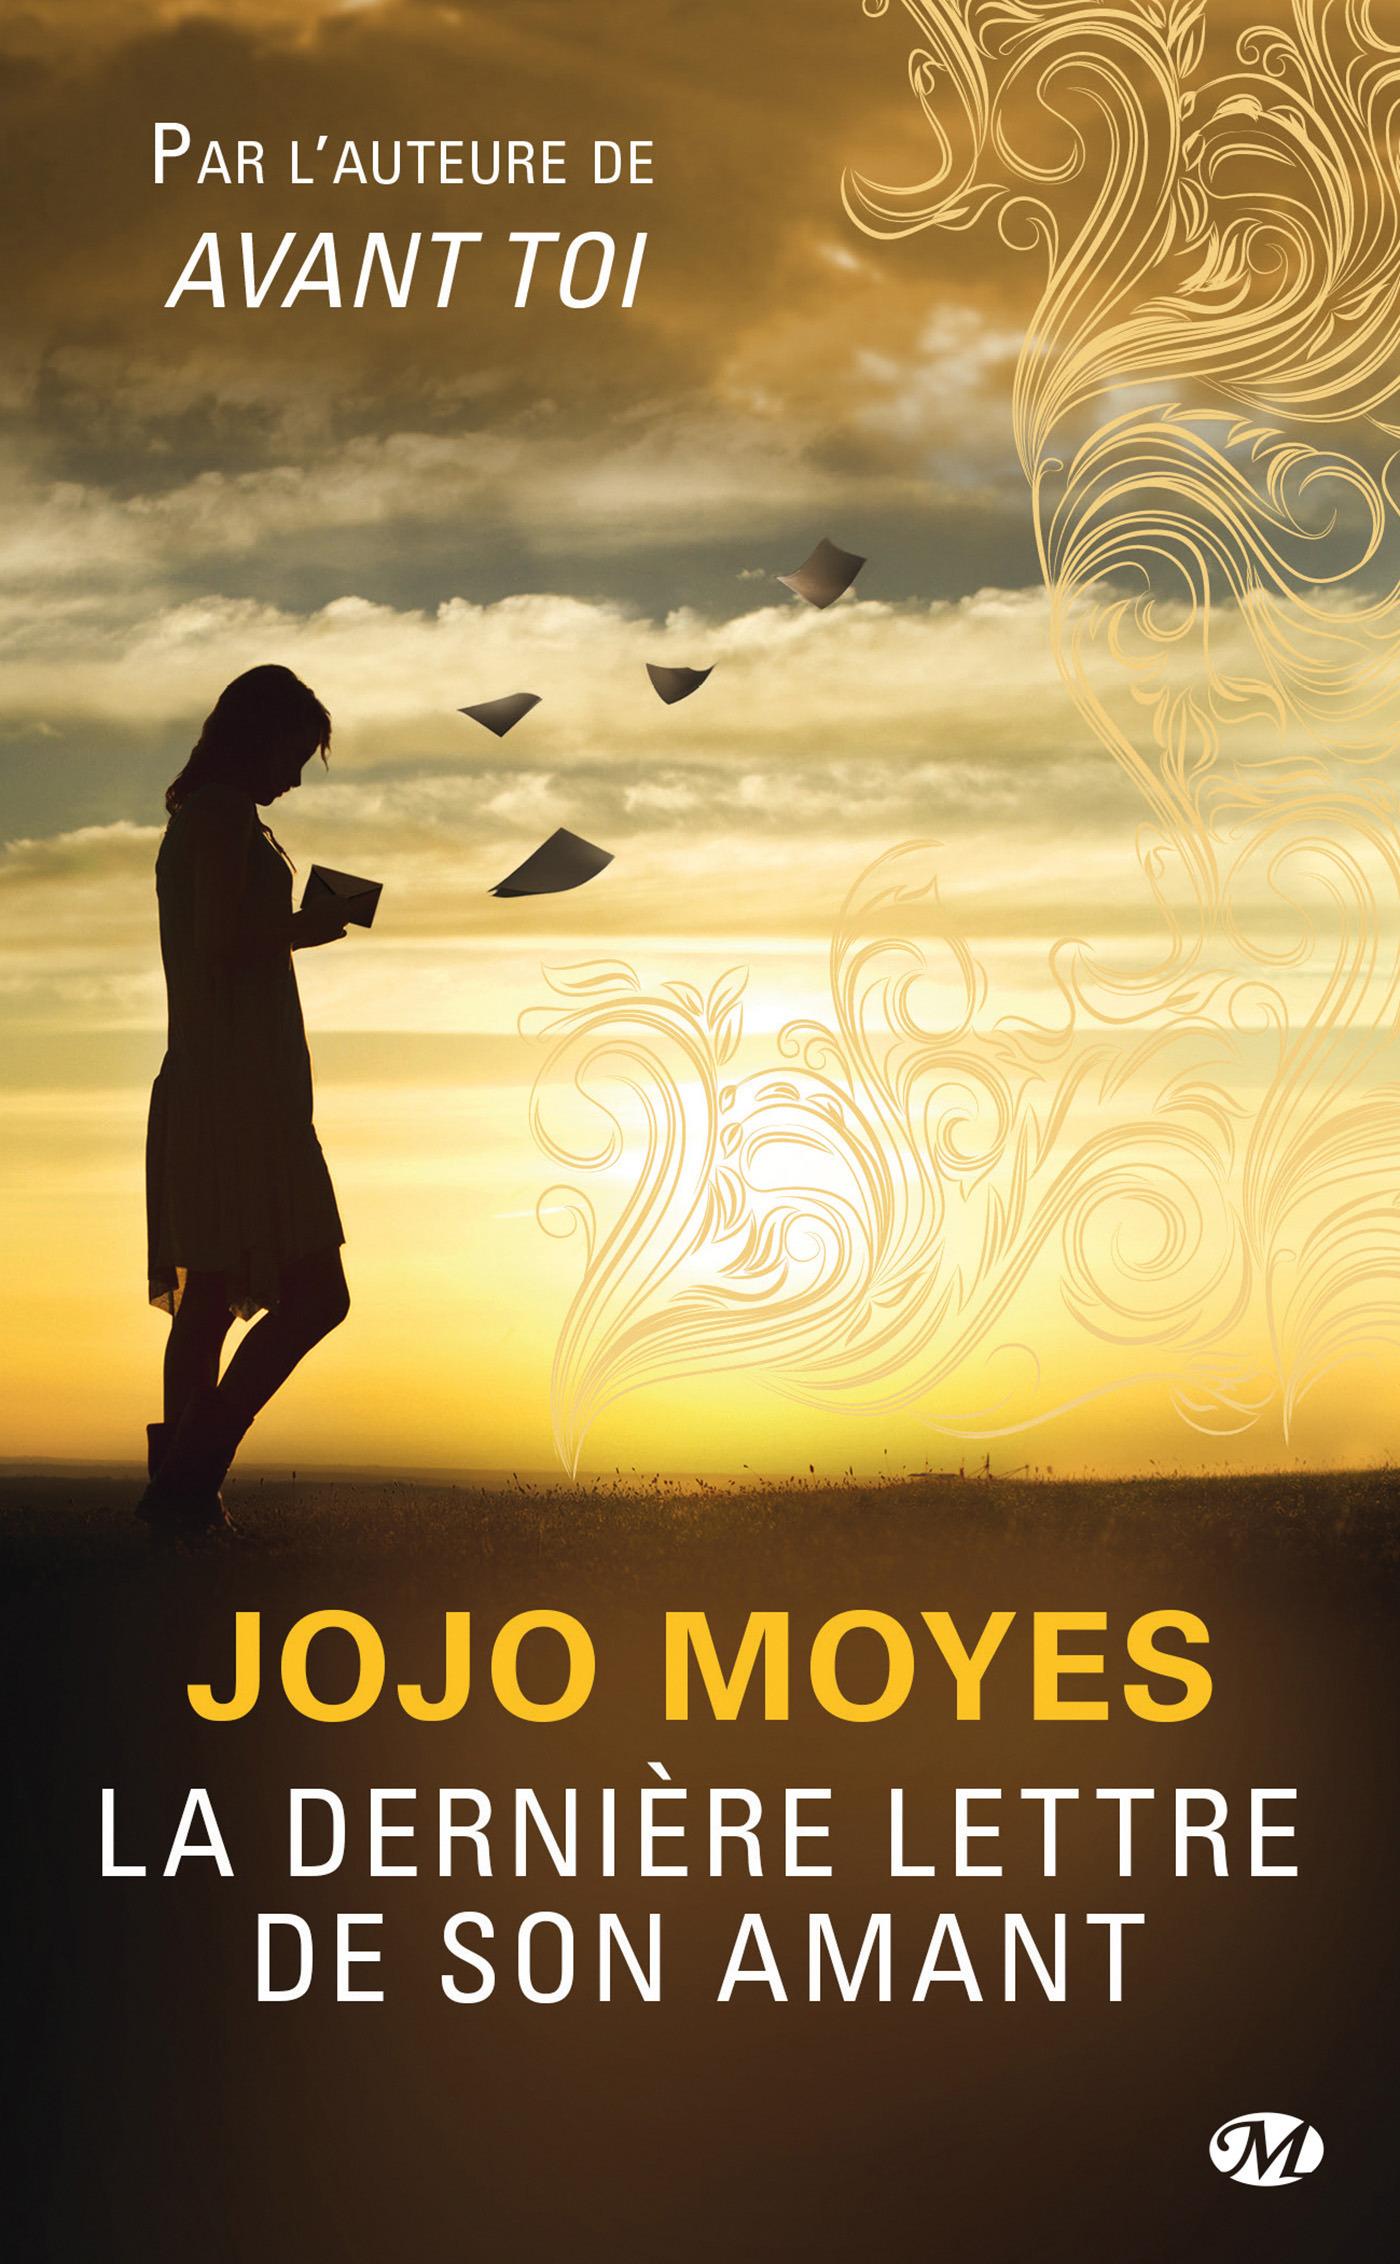 La Dernière Lettre de son amant